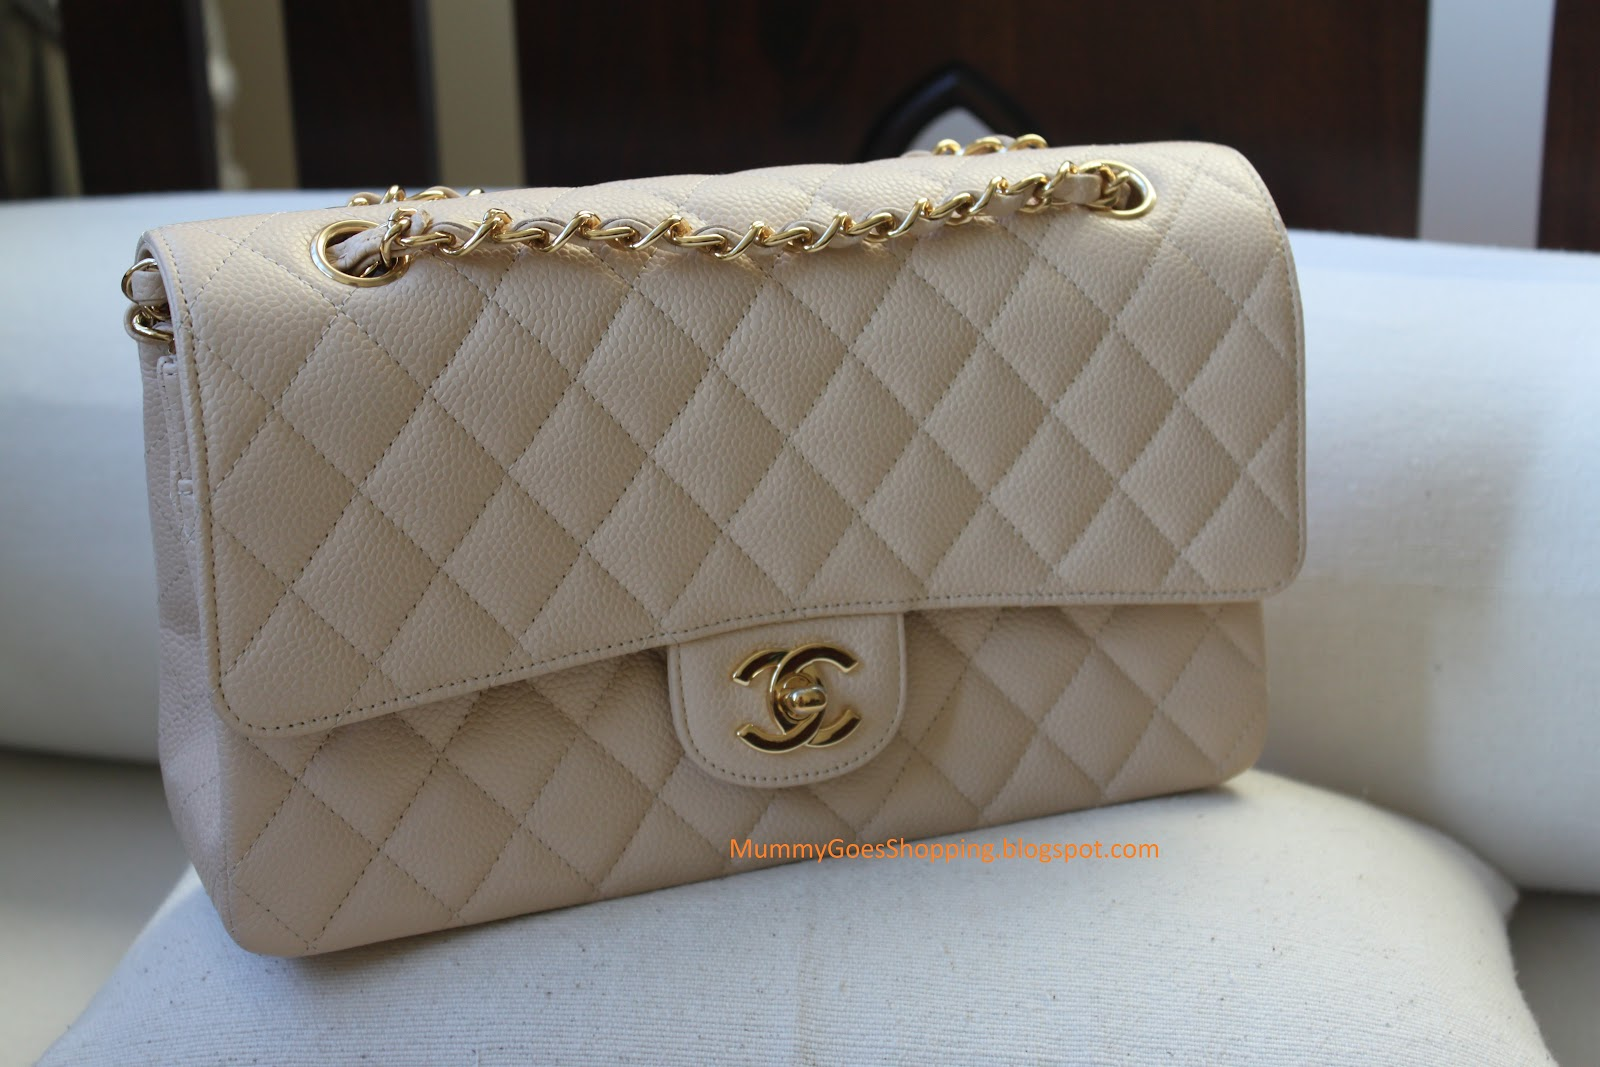 dfa4913f57fb SOLD! Chanel Caviar Beige Medium Classic Flap with GHW ...